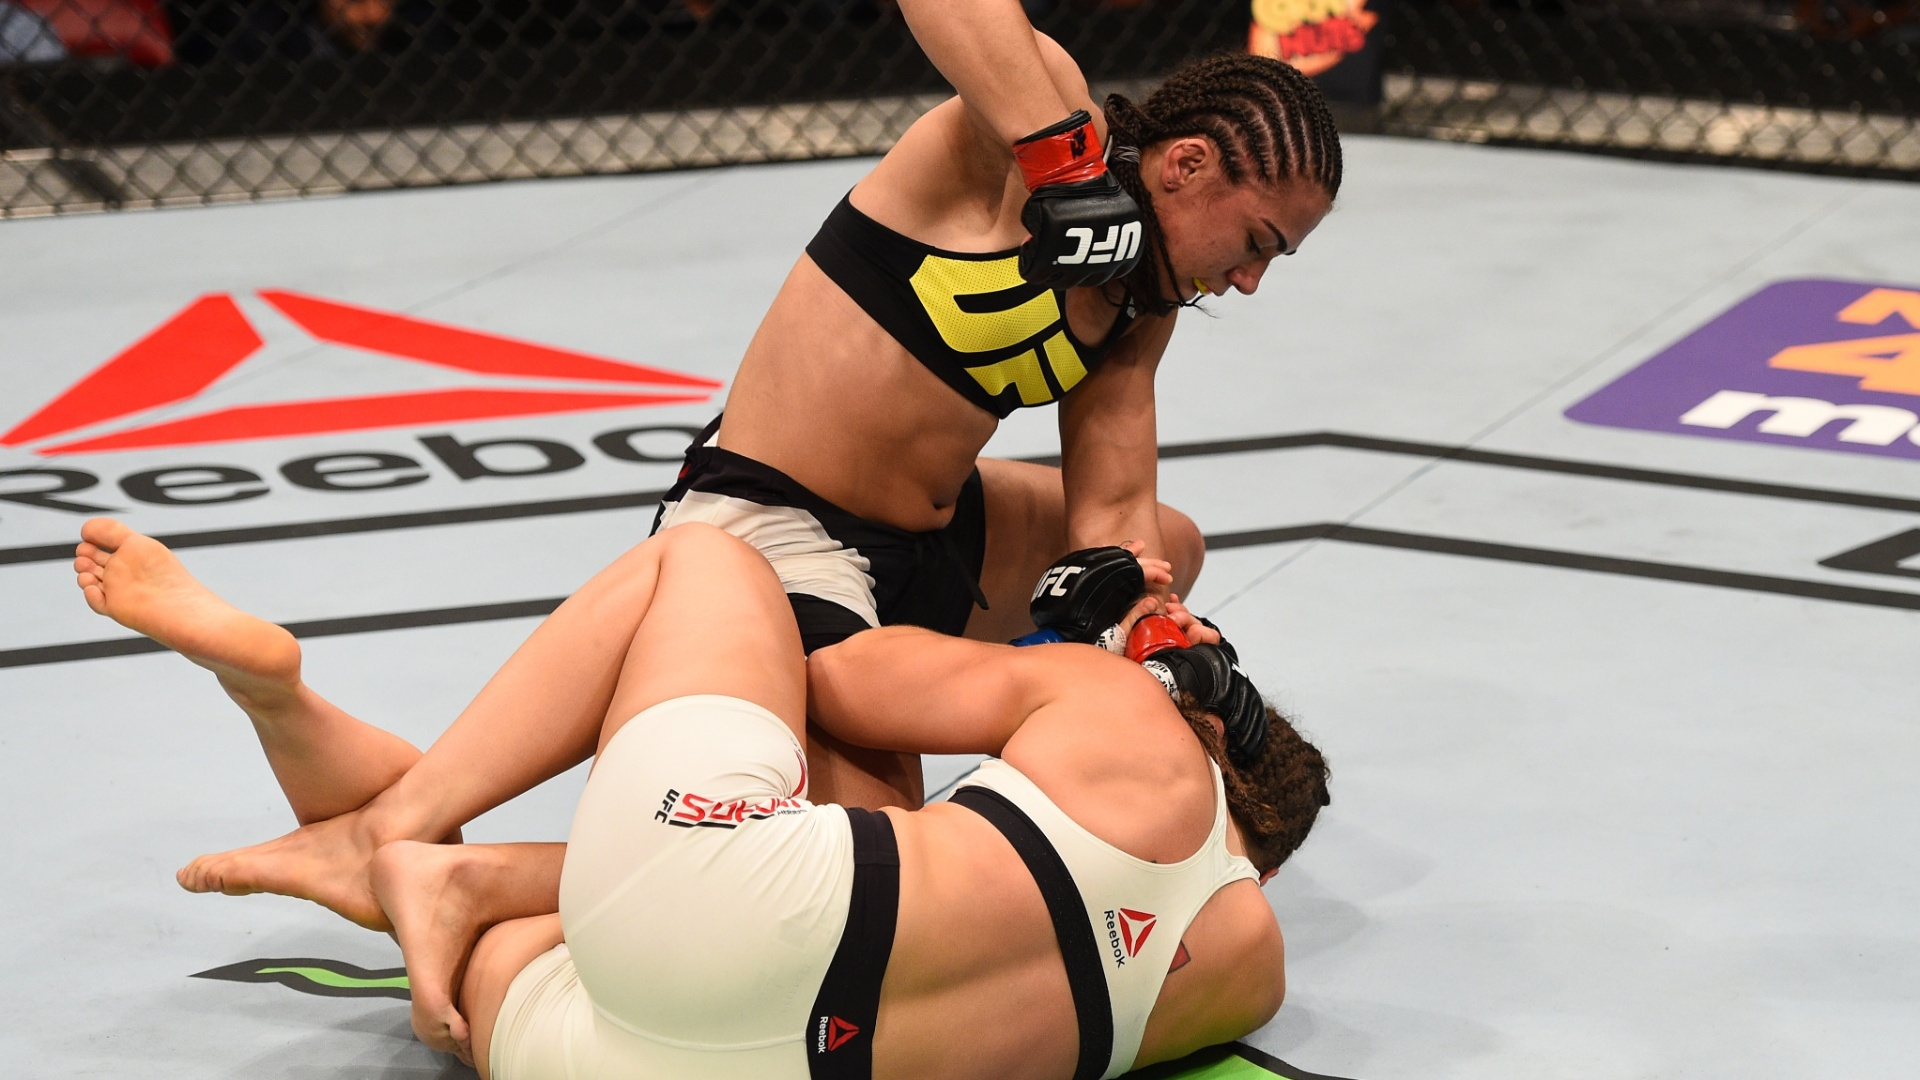 Jessica Andrade castiga Sarah Moras no UFC: Mir x Duffee